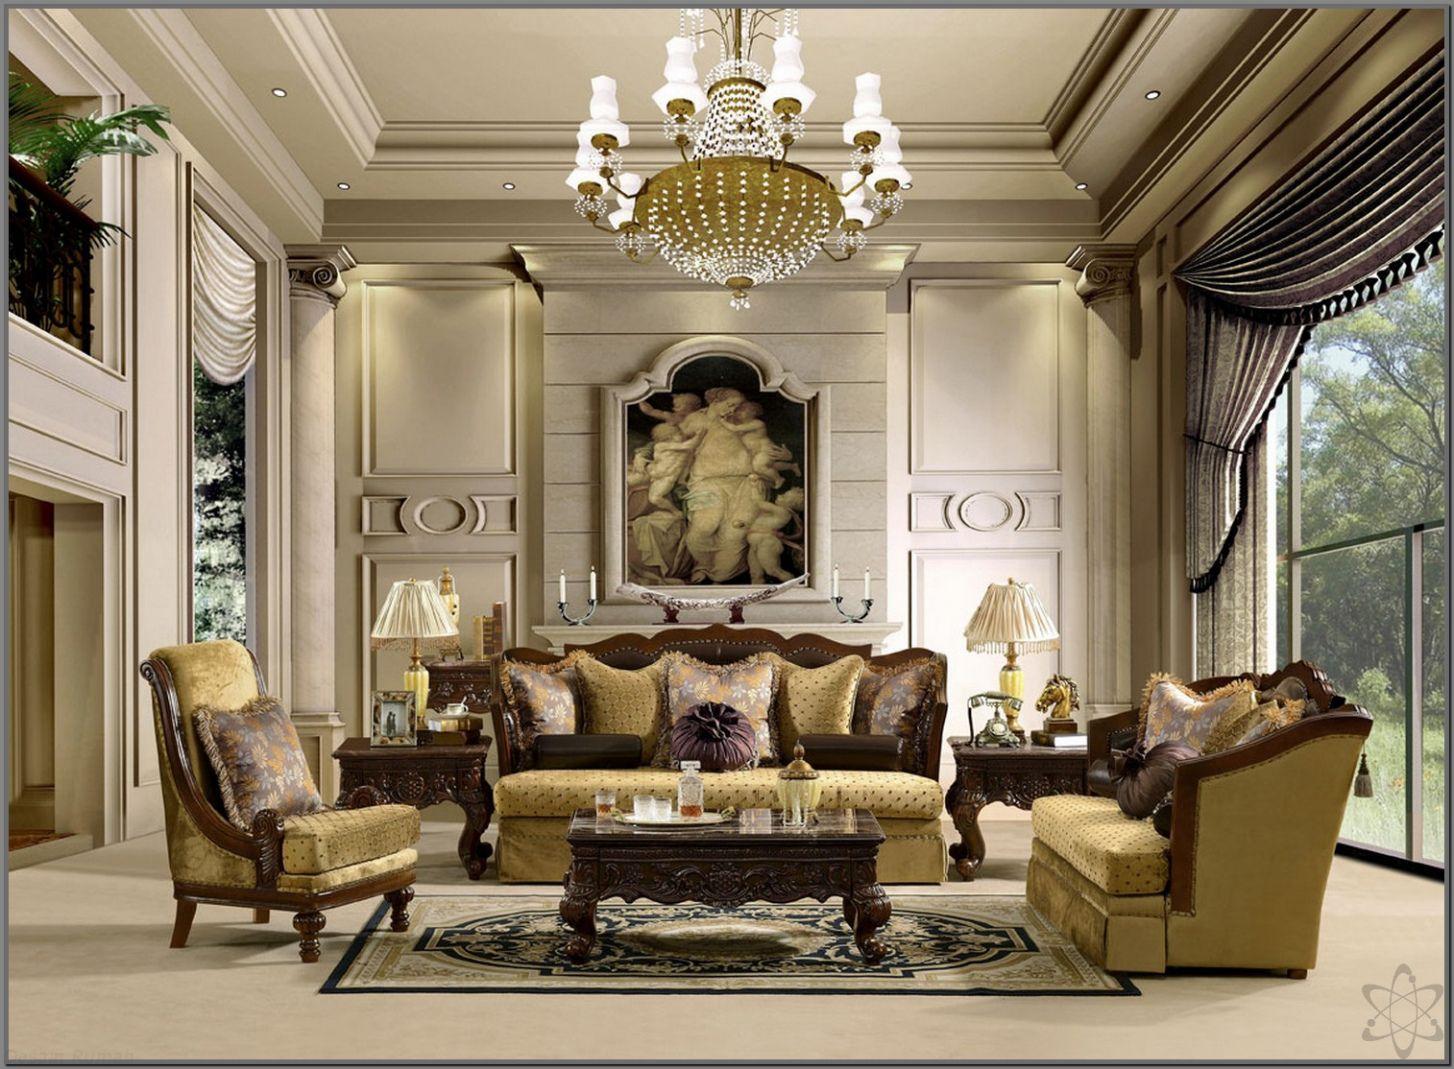 Desain Ruang Tamu Klasik Mewah Check More At Http